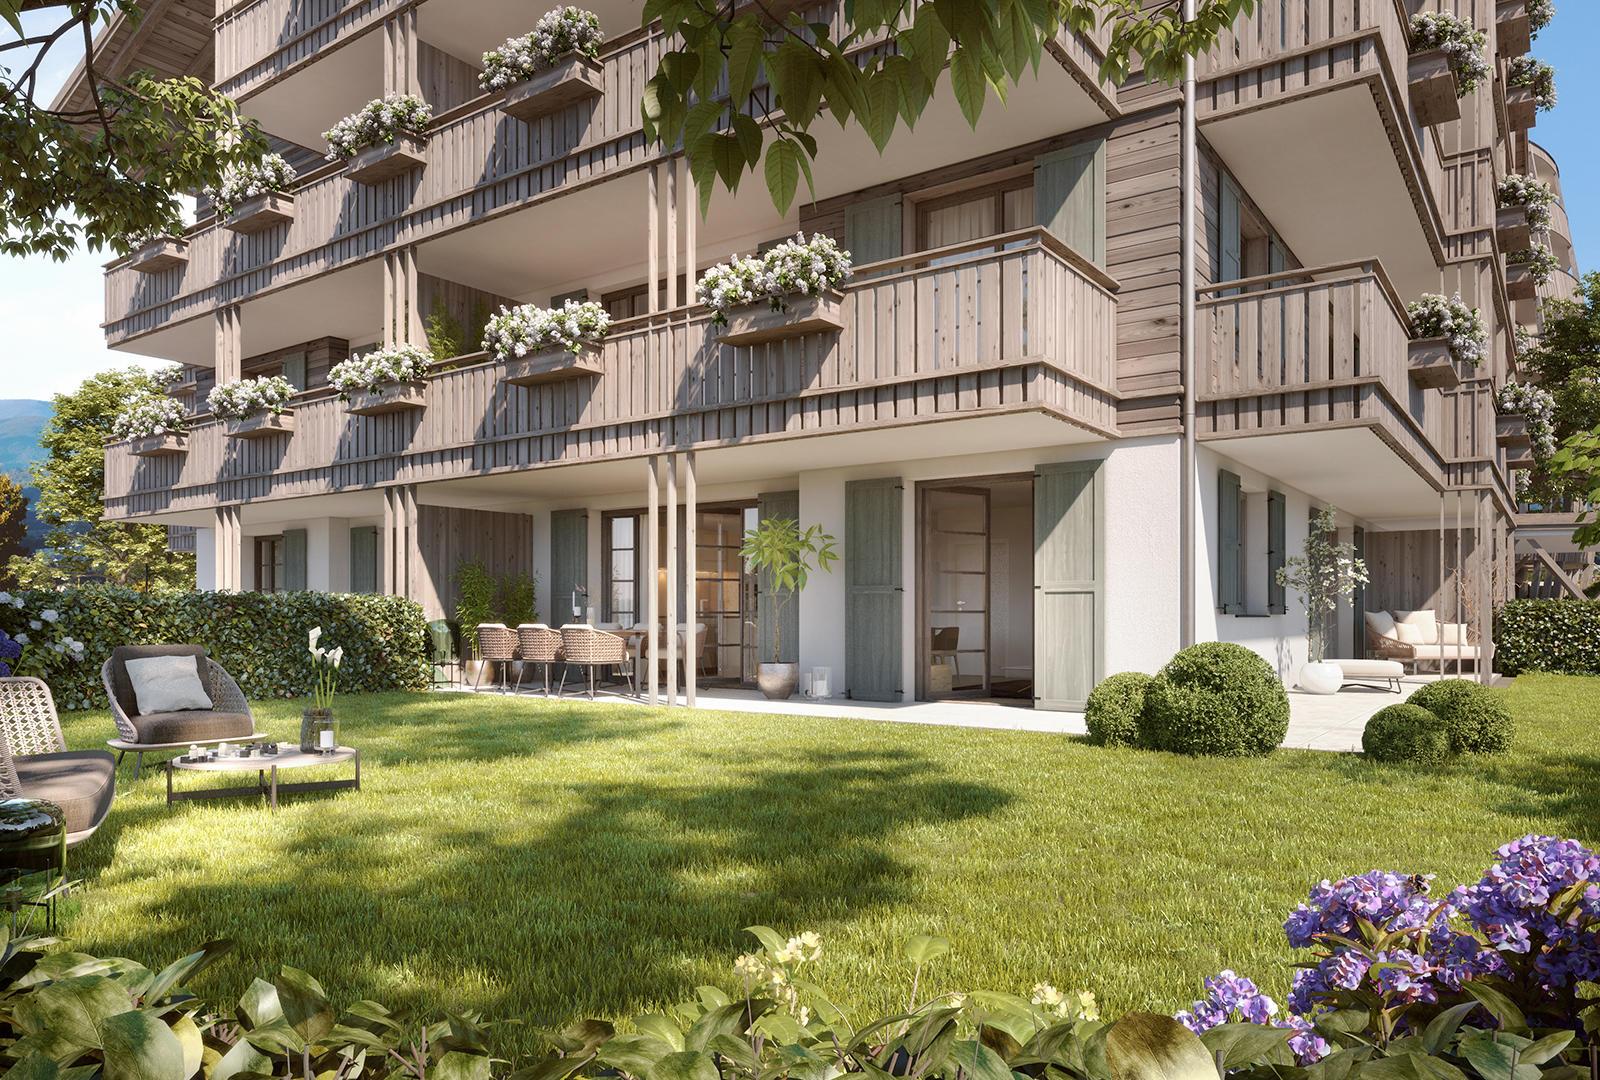 Fotos de Quartier Tegernsee – Exklusive Eigentumswohnungen & Appartements